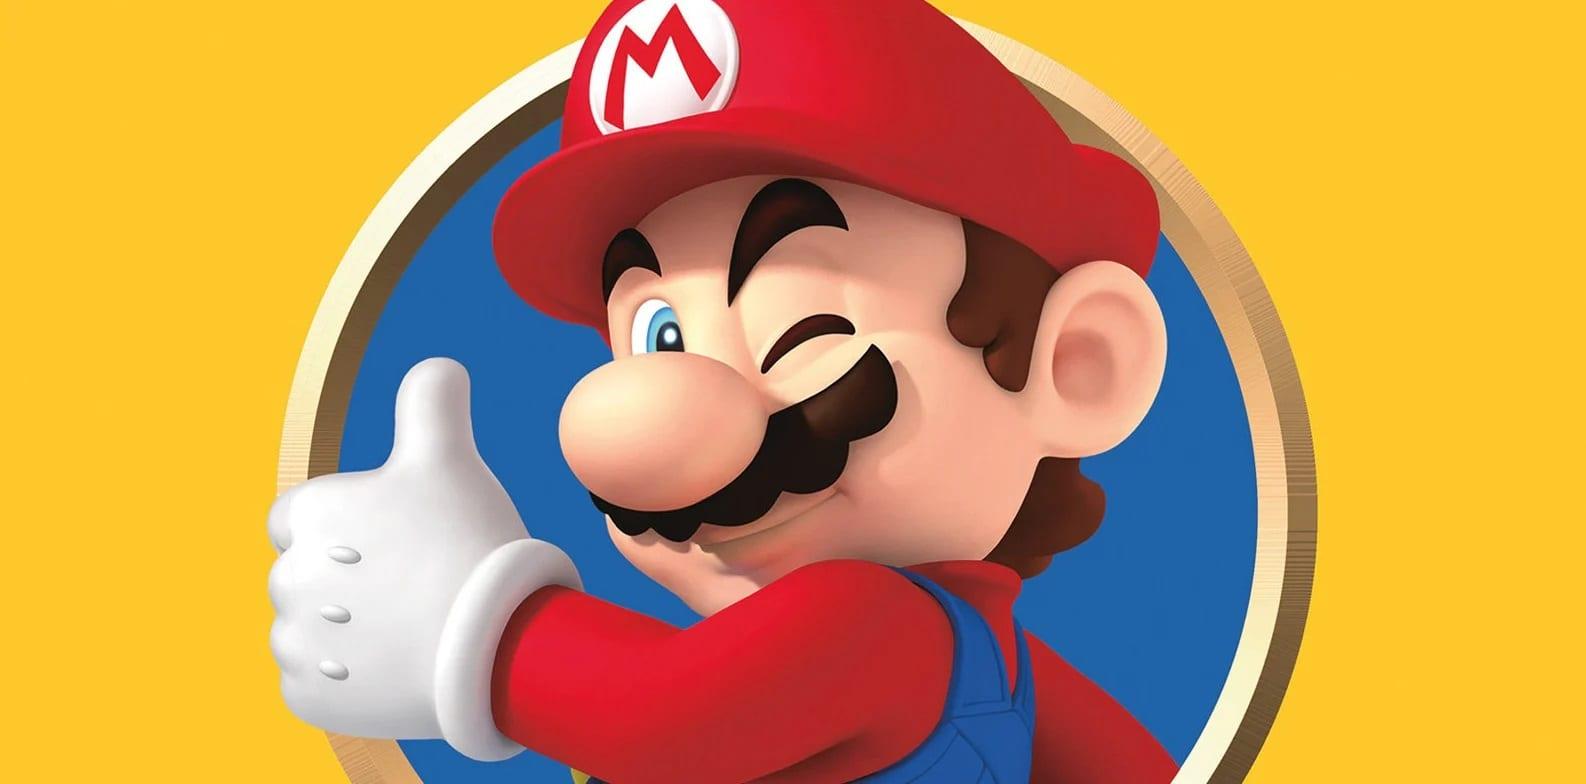 Super Mario: il film arriverà nel 2022, in arrivo anche la serie animata?